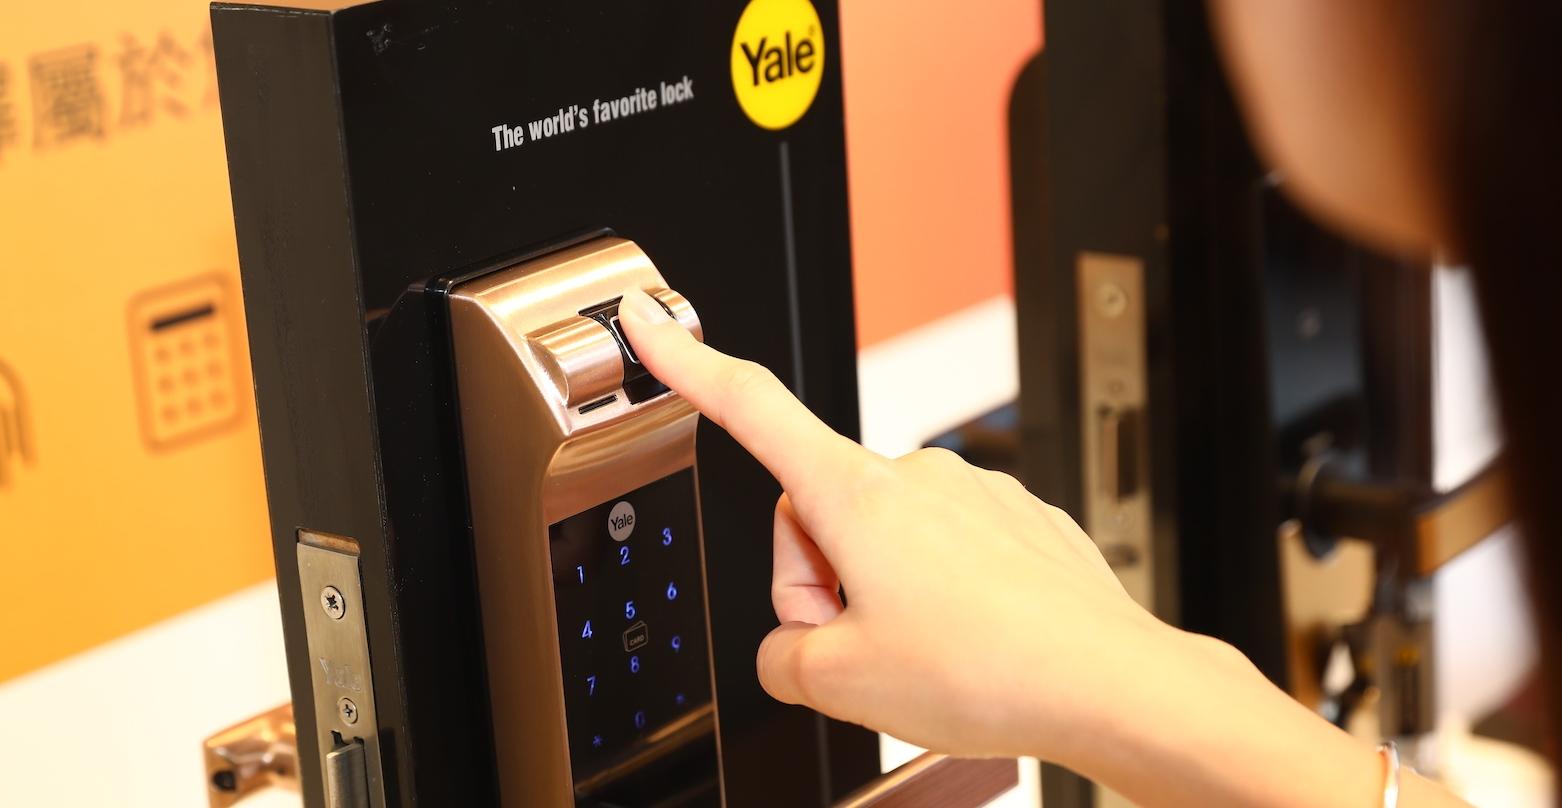 不怕忘記帶鑰匙!智慧電子鎖新發表,可用指紋、卡片、密碼、藍牙遠端、鑰匙開鎖